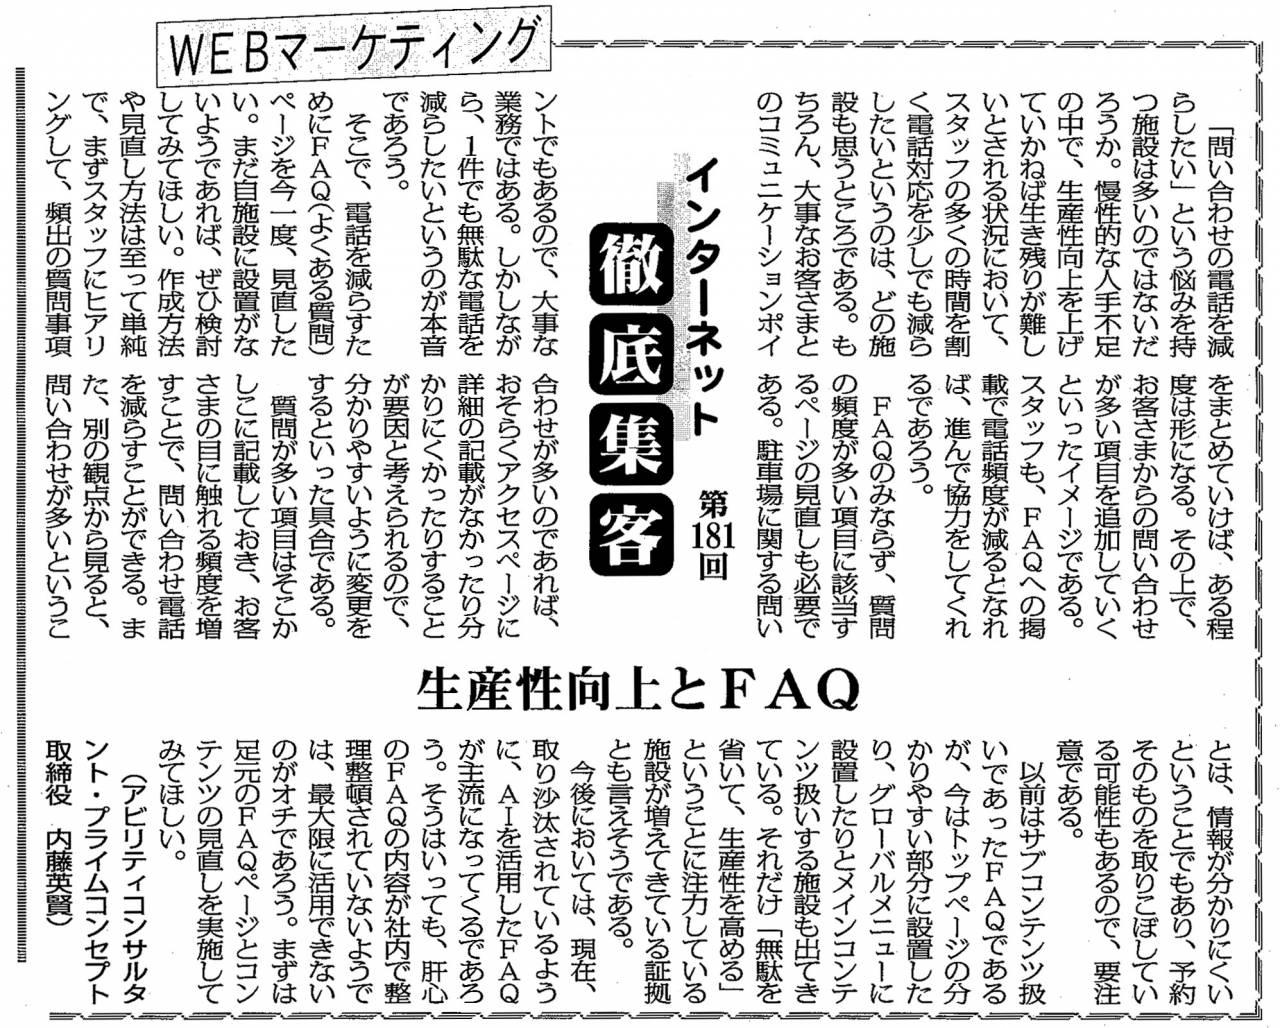 【第181回】WEBマーケティング インターネット徹底集客 (生産性向上とFAQ)